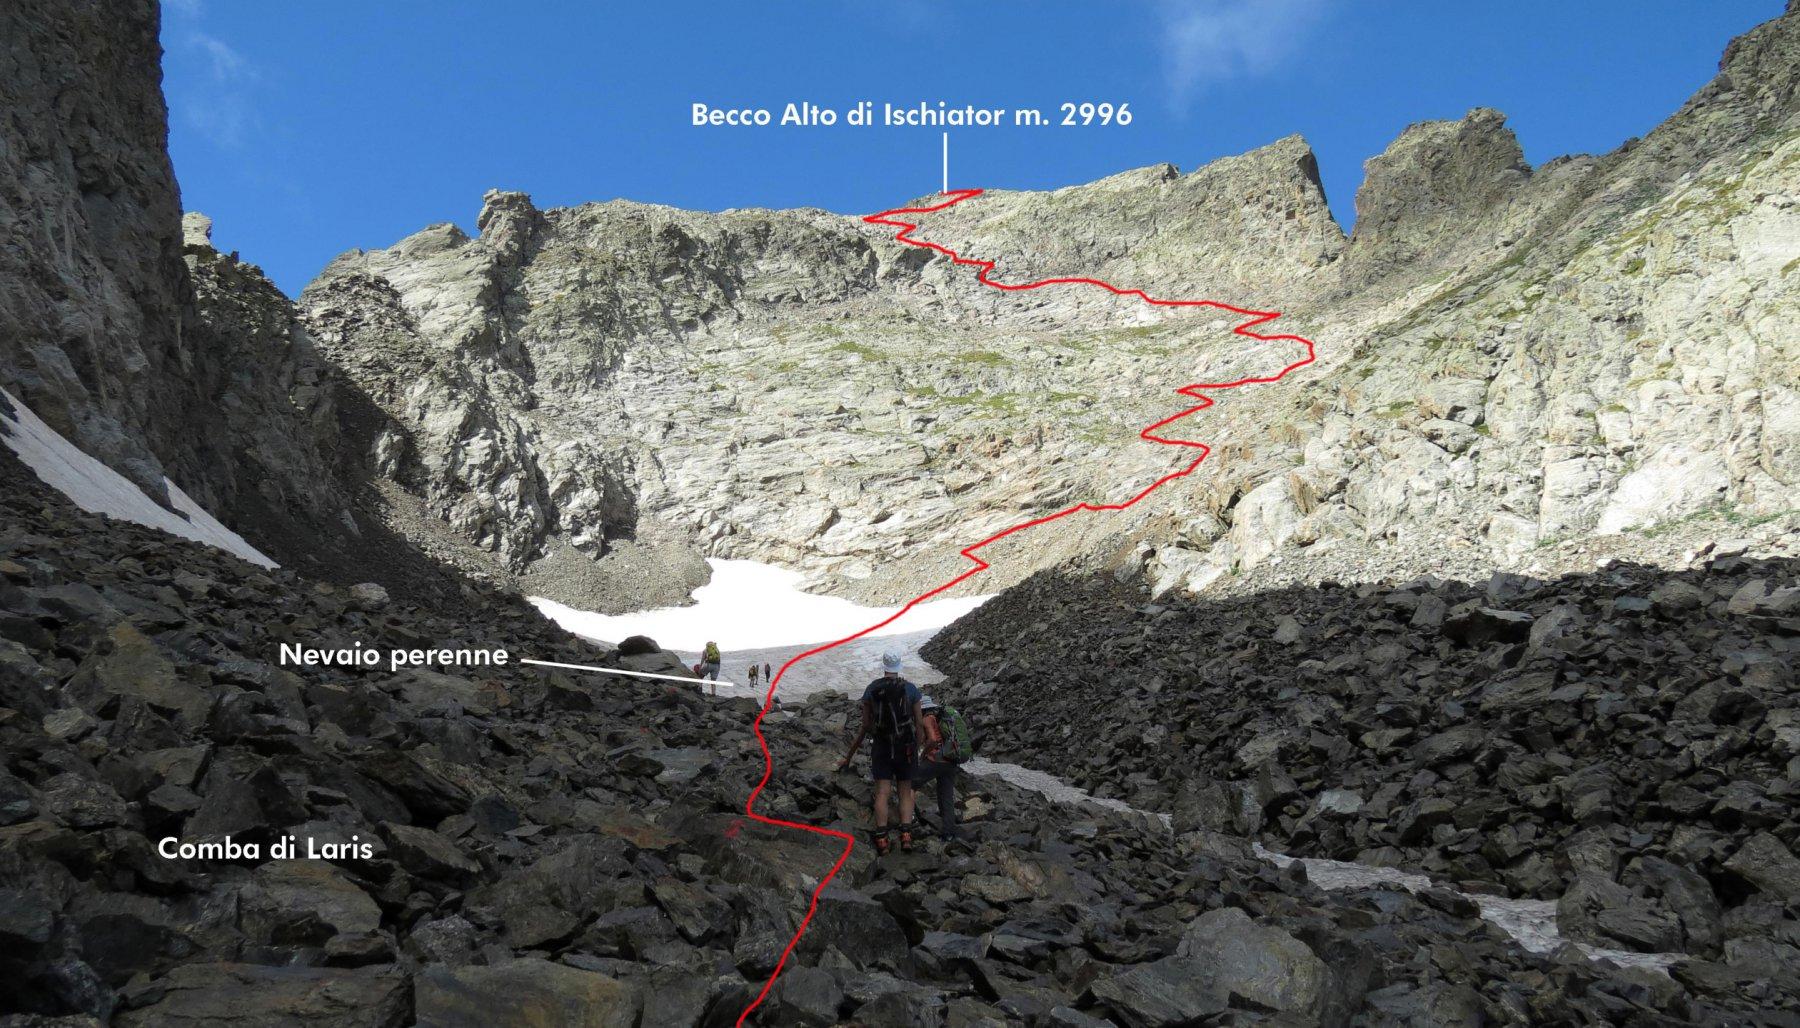 parte alta dell'itinerario di salita osservato dalla Comba di Laris (2-8-2015)